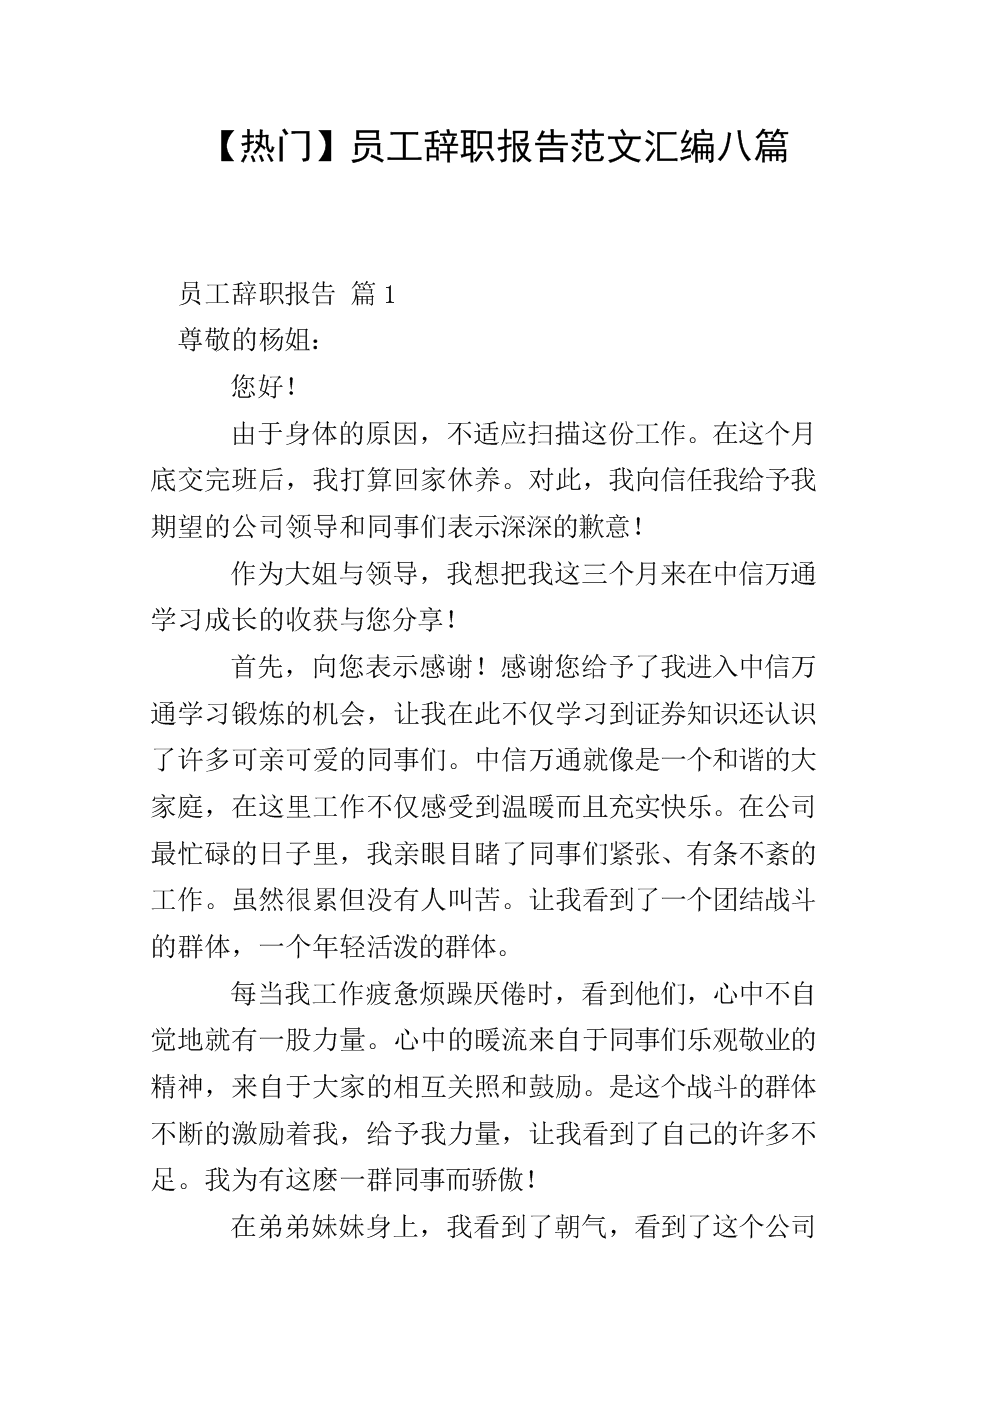 【热门】员工辞职报告范文汇编八篇.doc